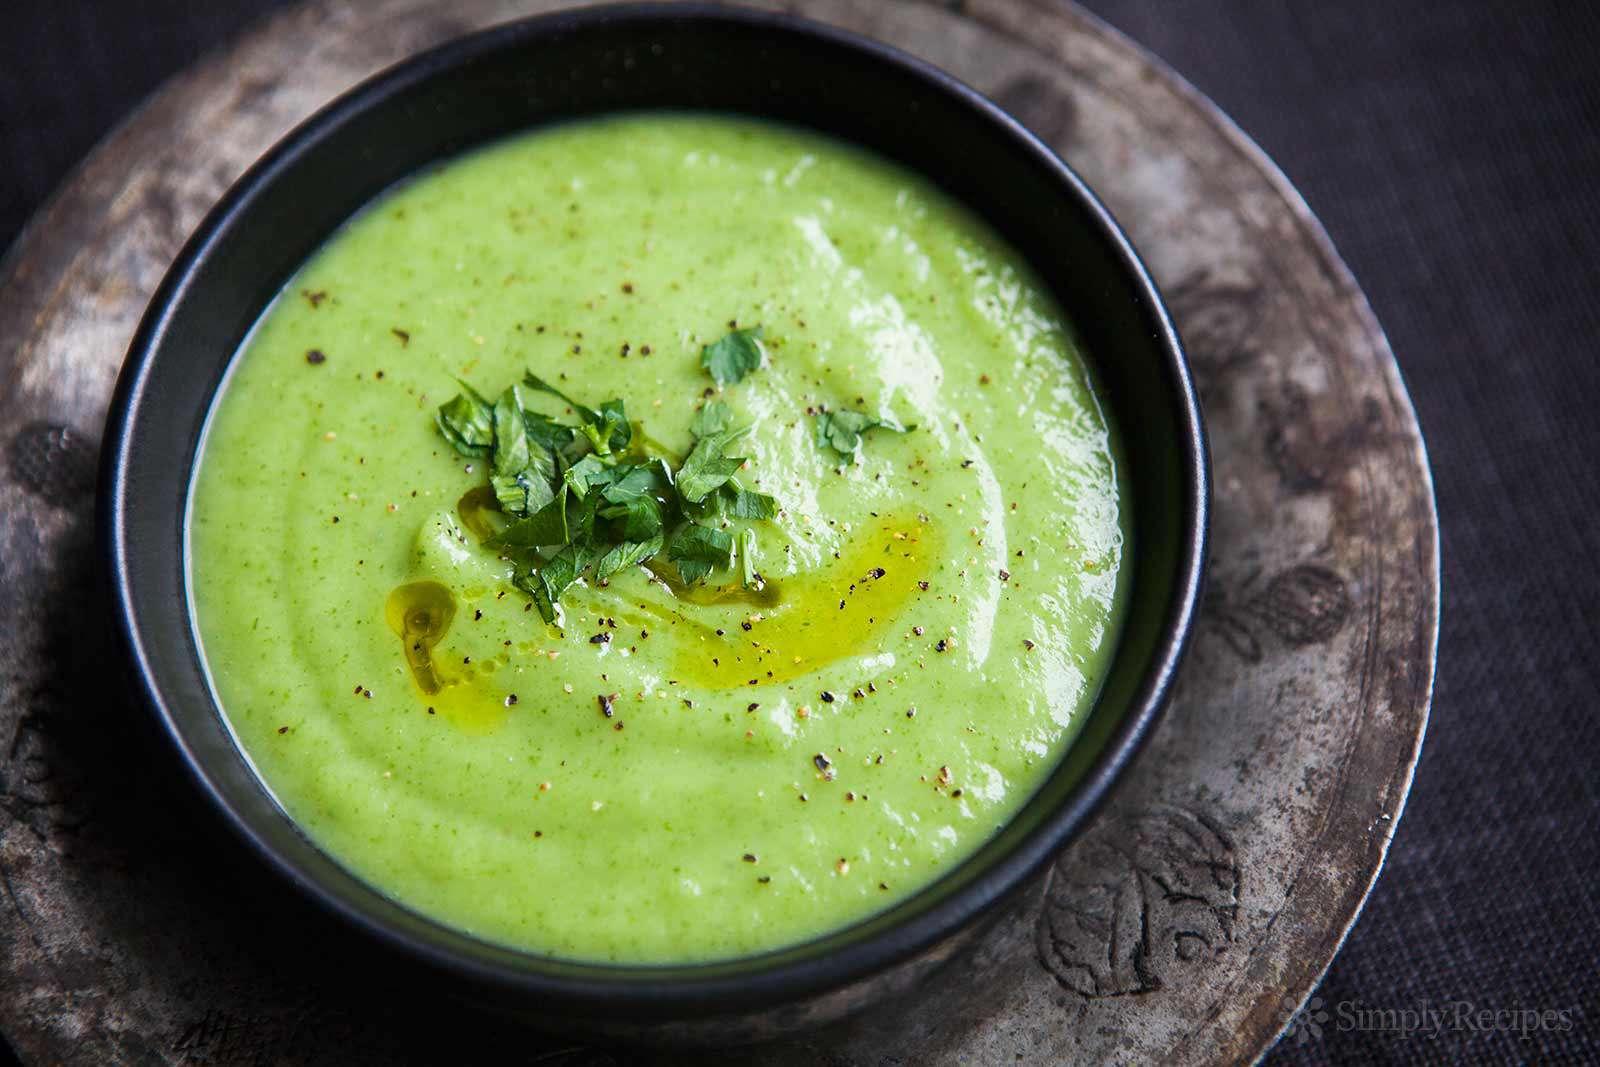 Parsnip Parsley Soup